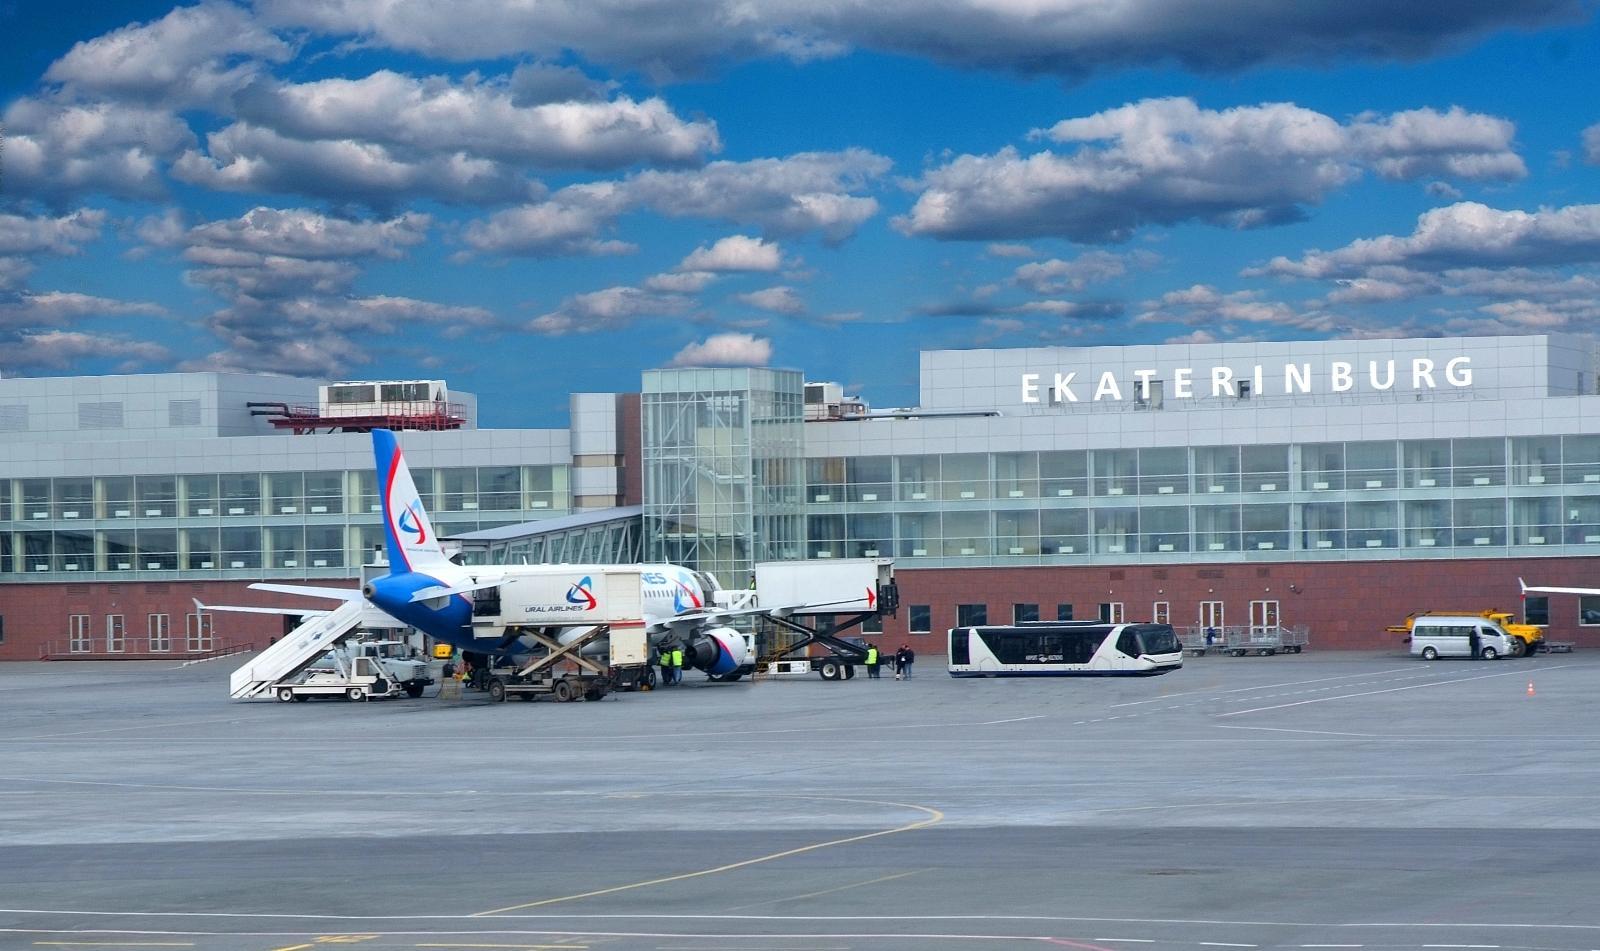 Рейс Екатеринбург-Баку задержится на 2 часа